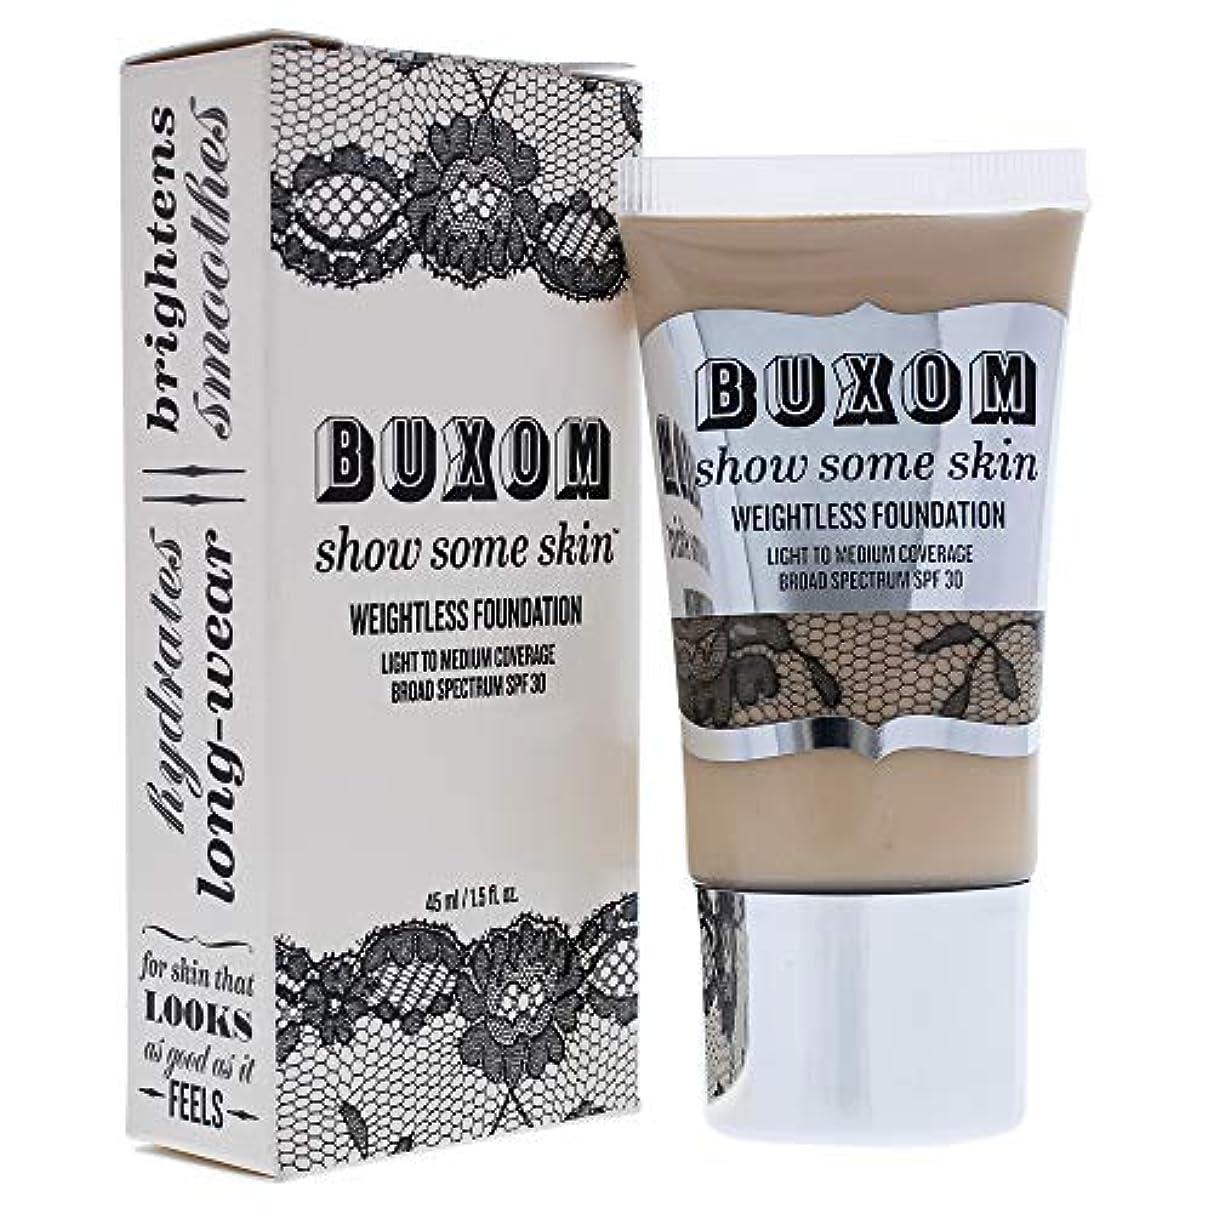 ハンカチ晴れ呼び出すBuxom Show Some Skin Weightless Foundation SPF 30 - # Tickle The Ivory 45ml/1.5oz並行輸入品